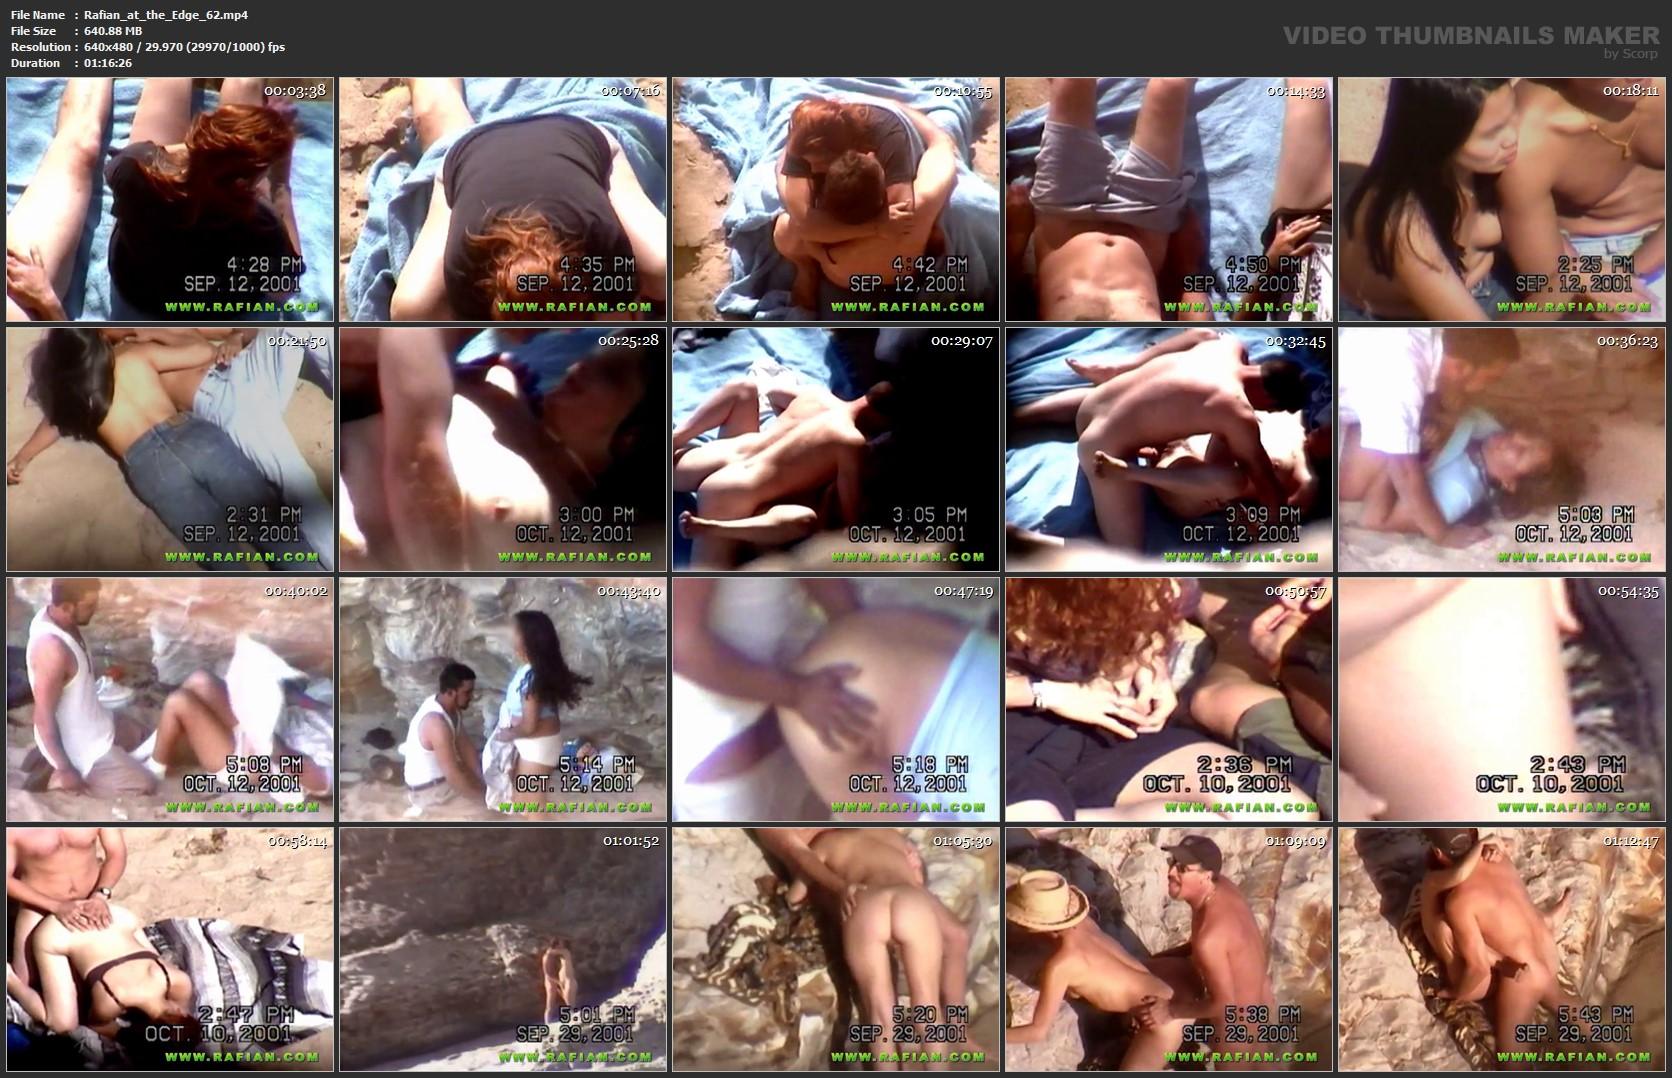 Rafian free videos sex movies porn tube